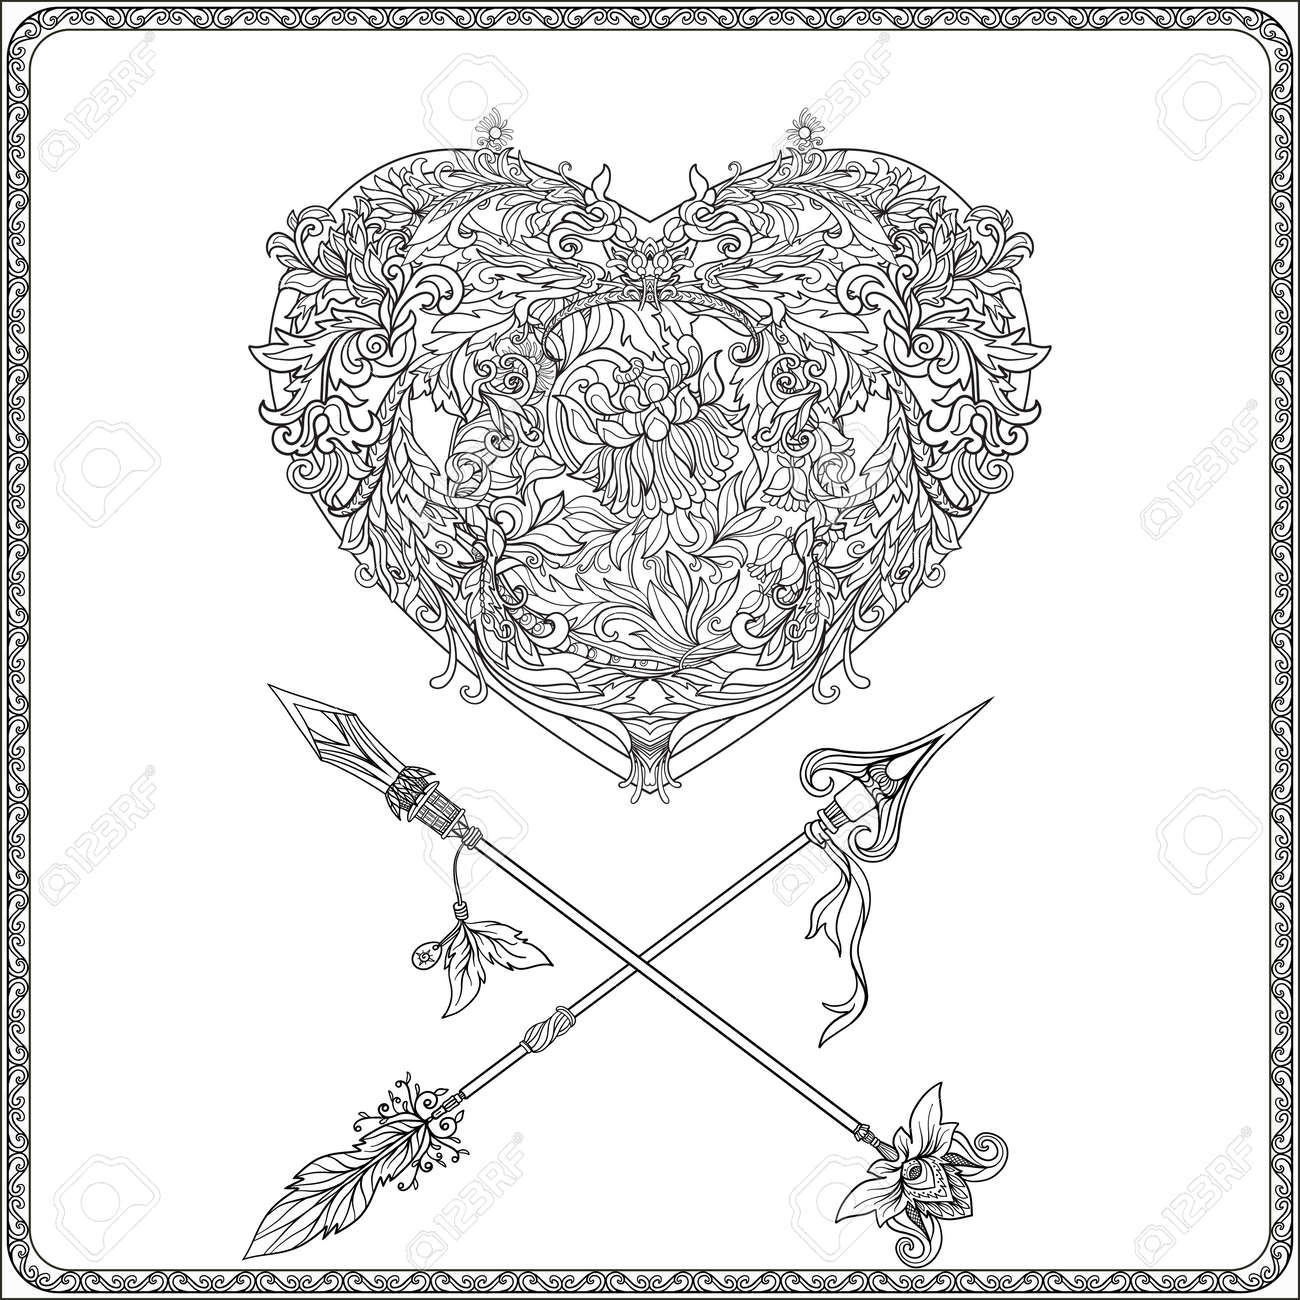 Coloriage Carte Anniversaire Adulte.Coeur D Amour Decoratif Avec Des Fleches Decoratifs En Rocaille Renaissance Style Royal Baroque Victorien Carte De Voeux Pour Anniversaire